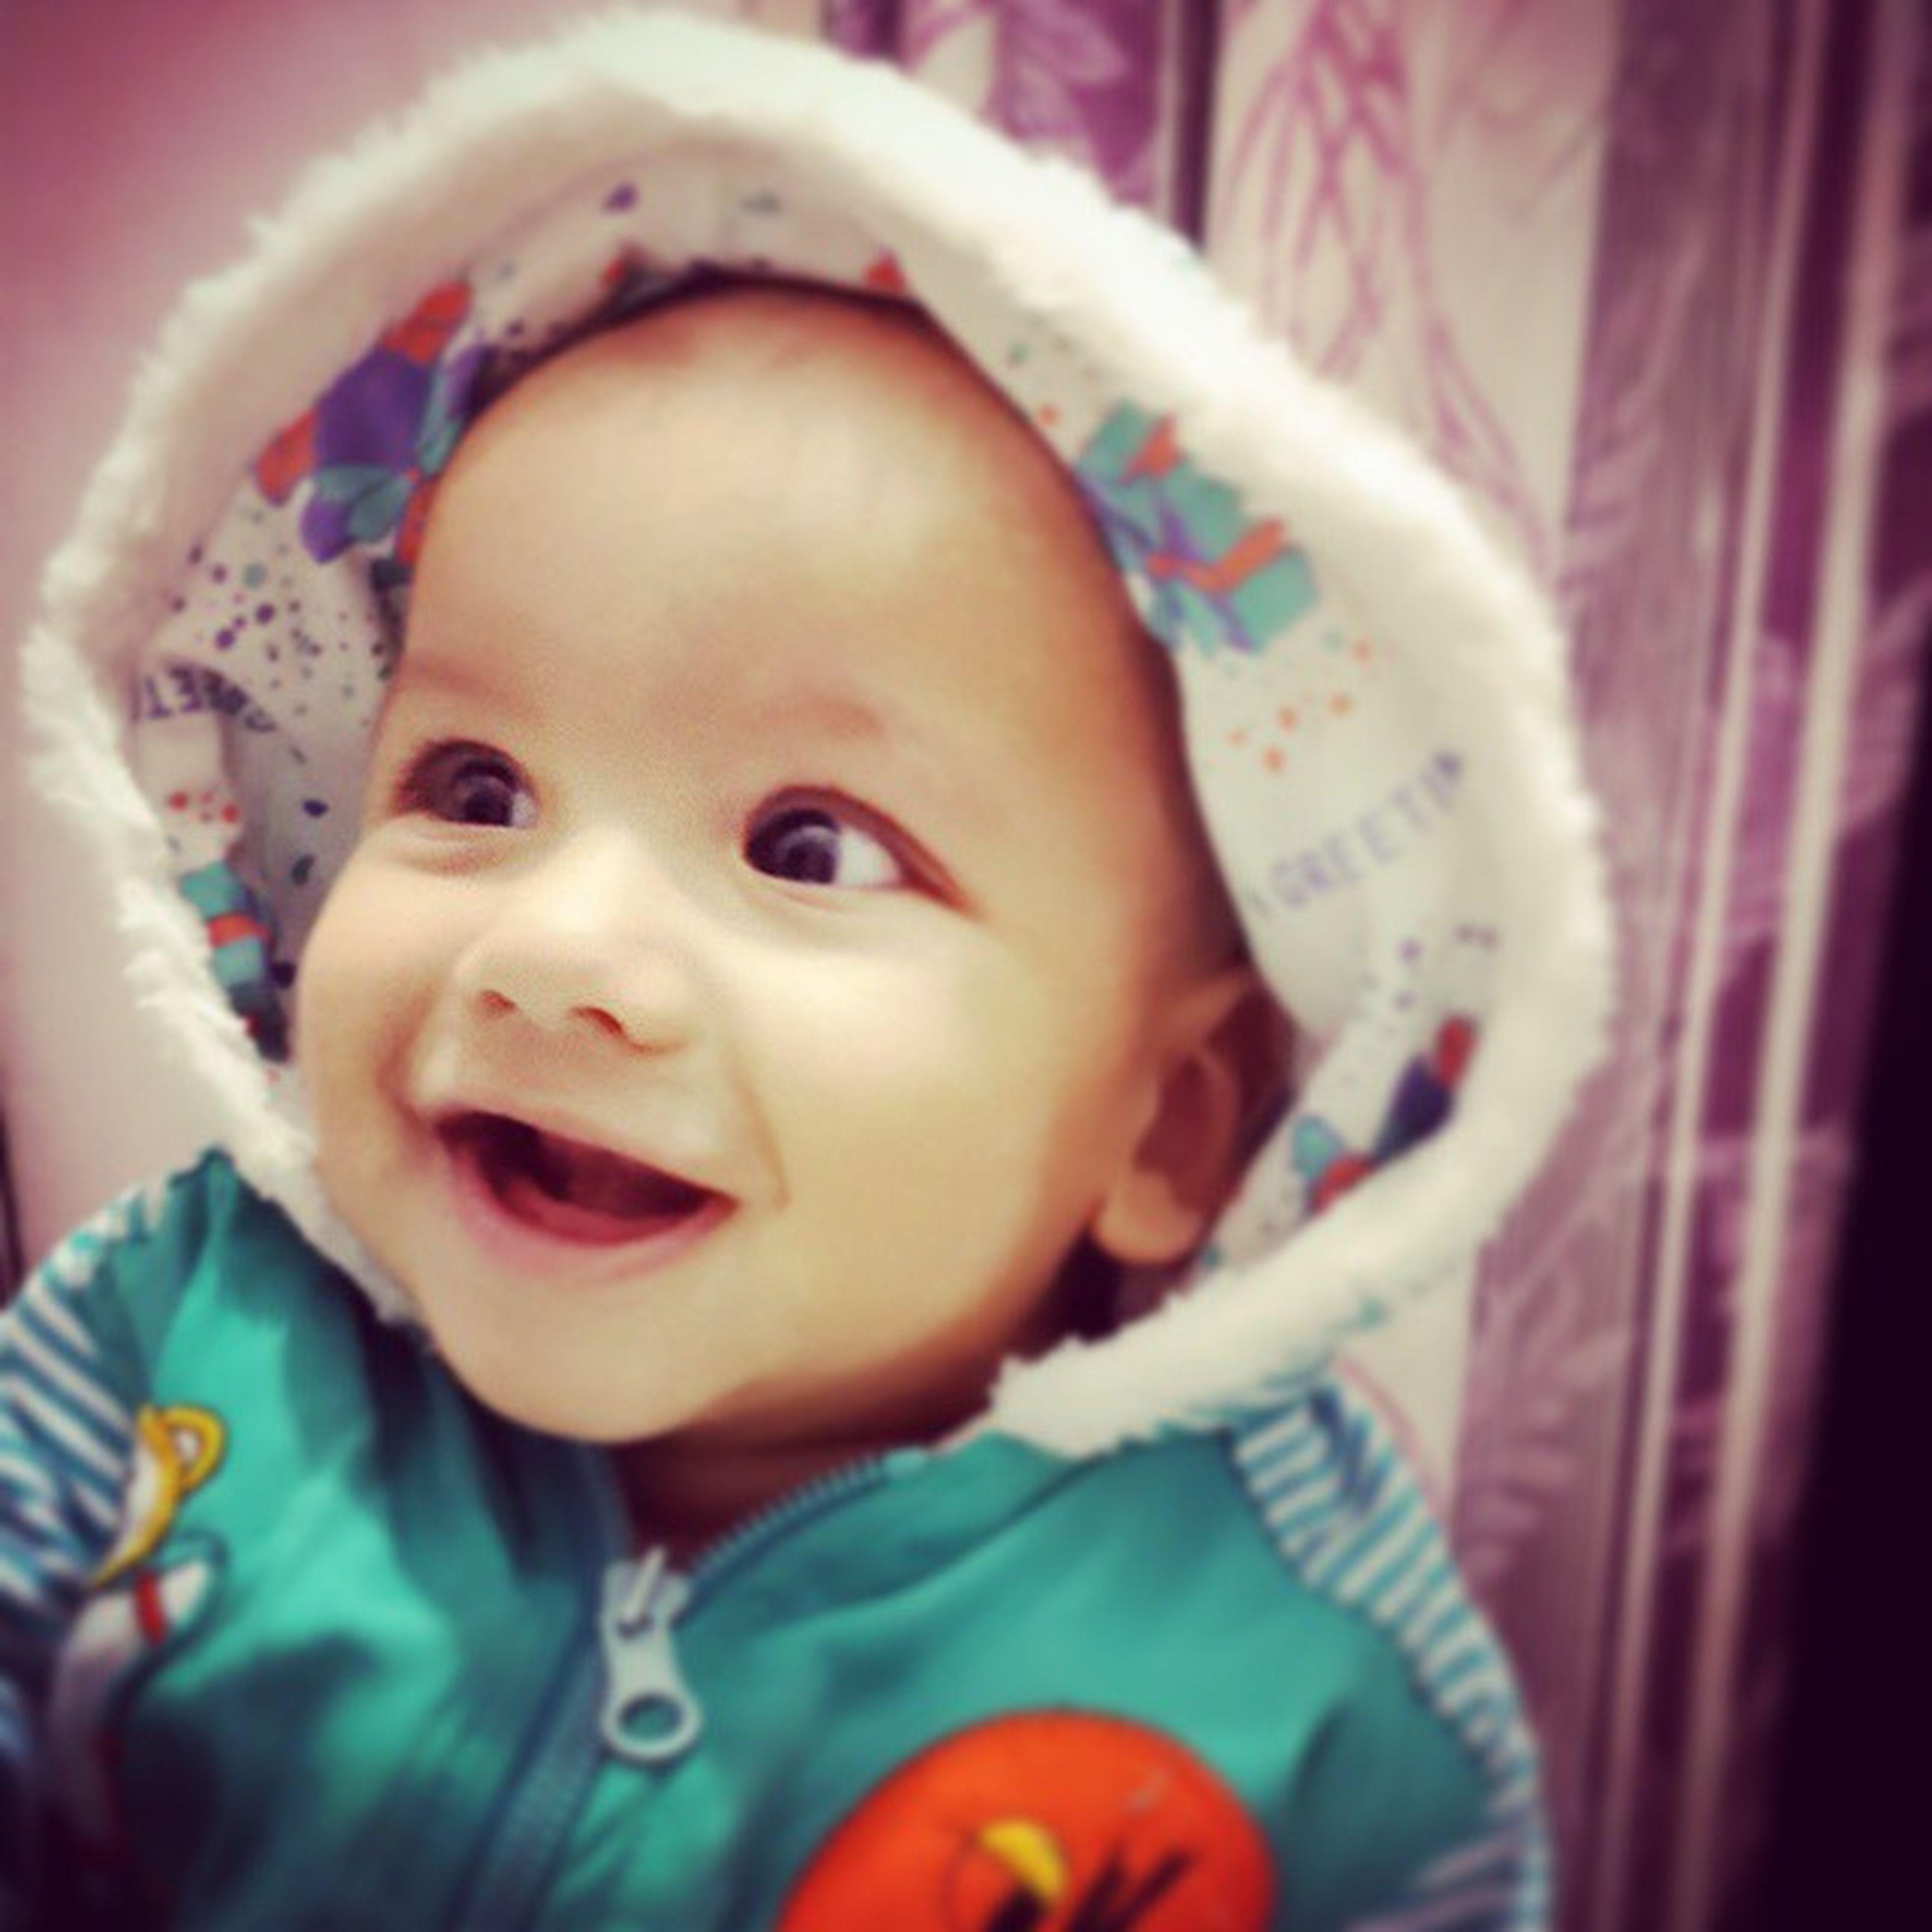 Baby_buoy Super_cute Super_smyl Adorable